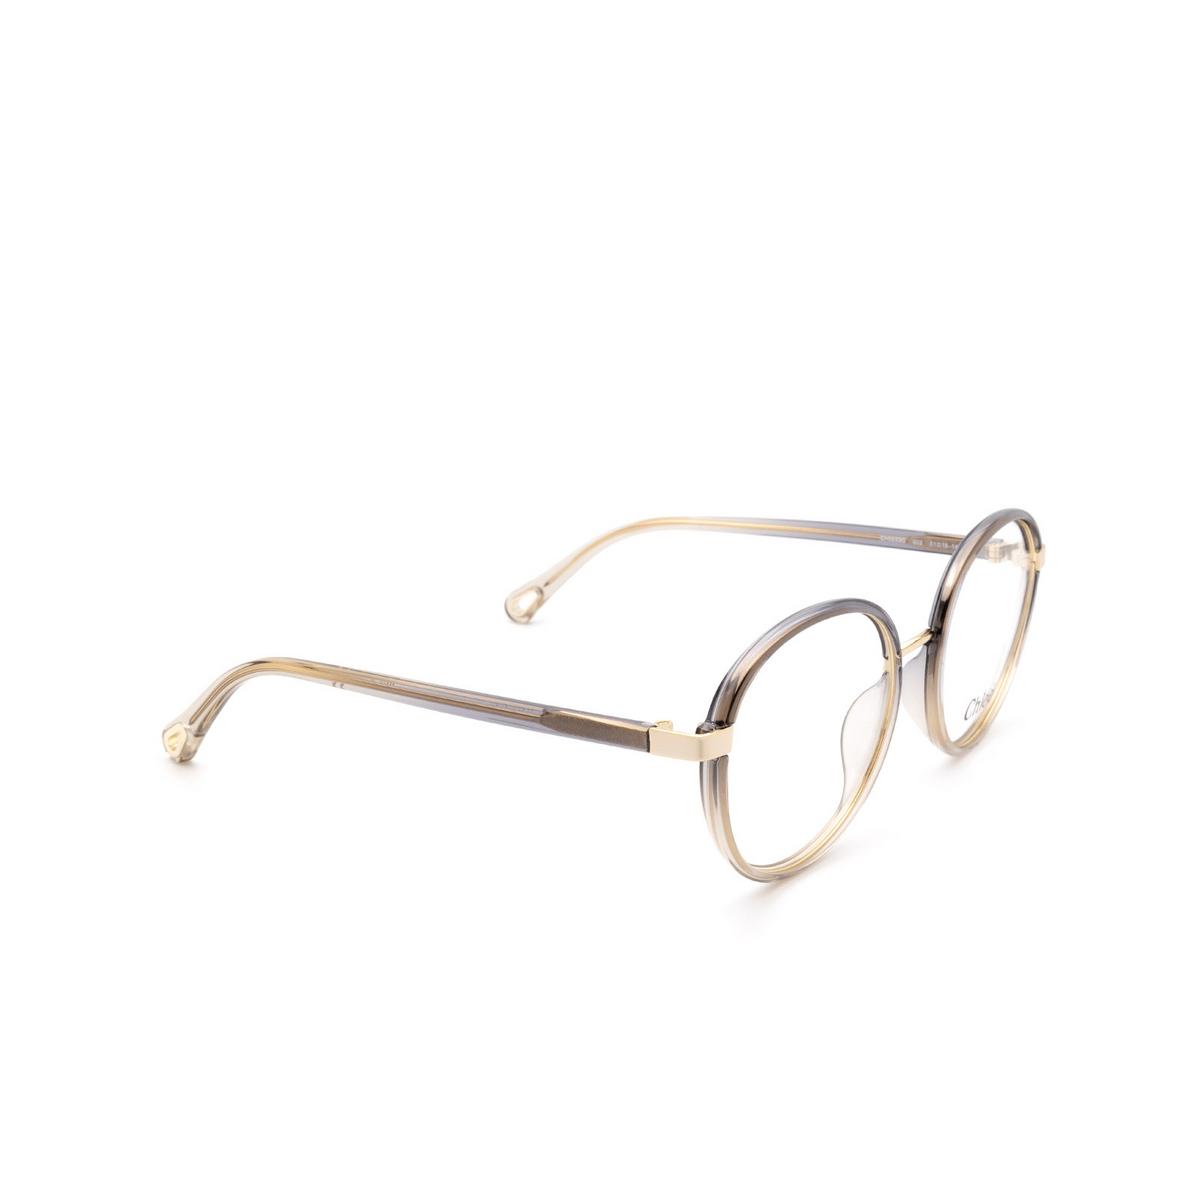 Chloé® Round Eyeglasses: CH0033O color Grey 002 - three-quarters view.